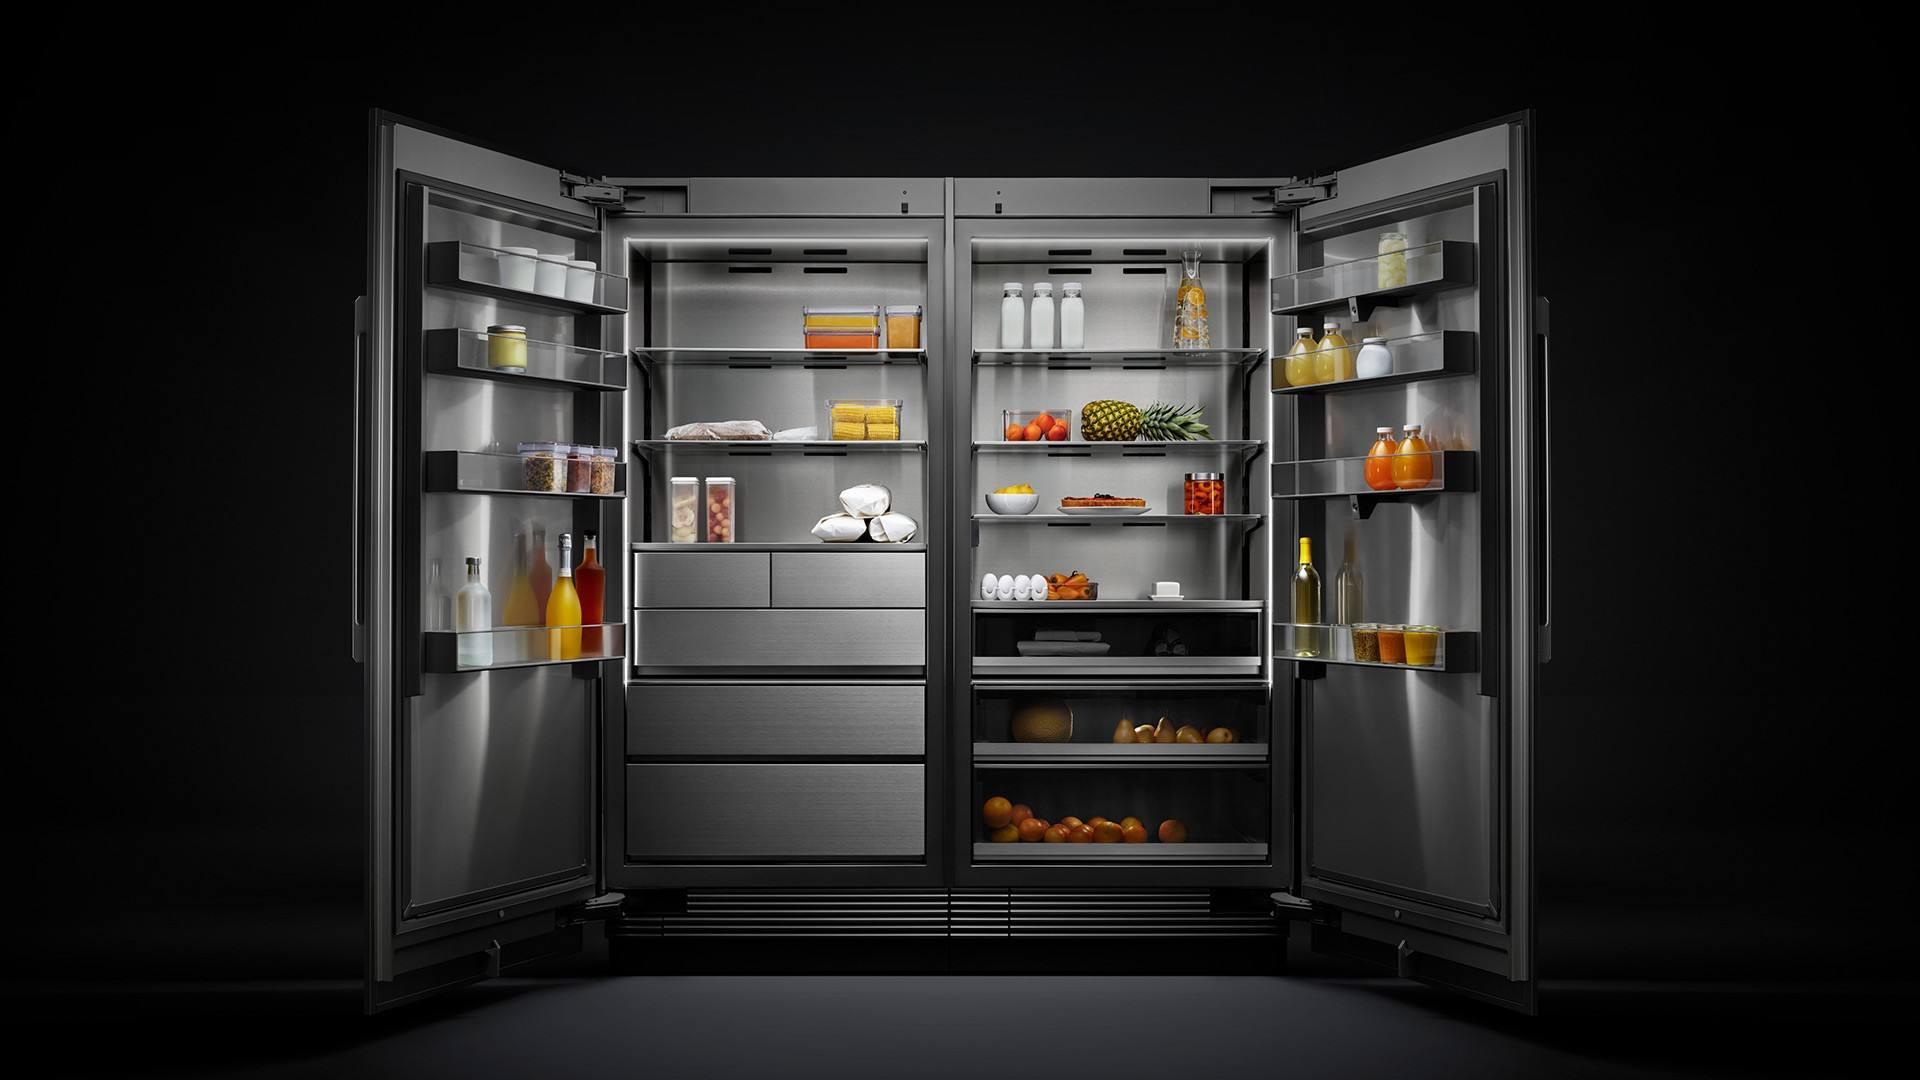 冰箱什么品牌最好?冰箱质量排行榜前十名